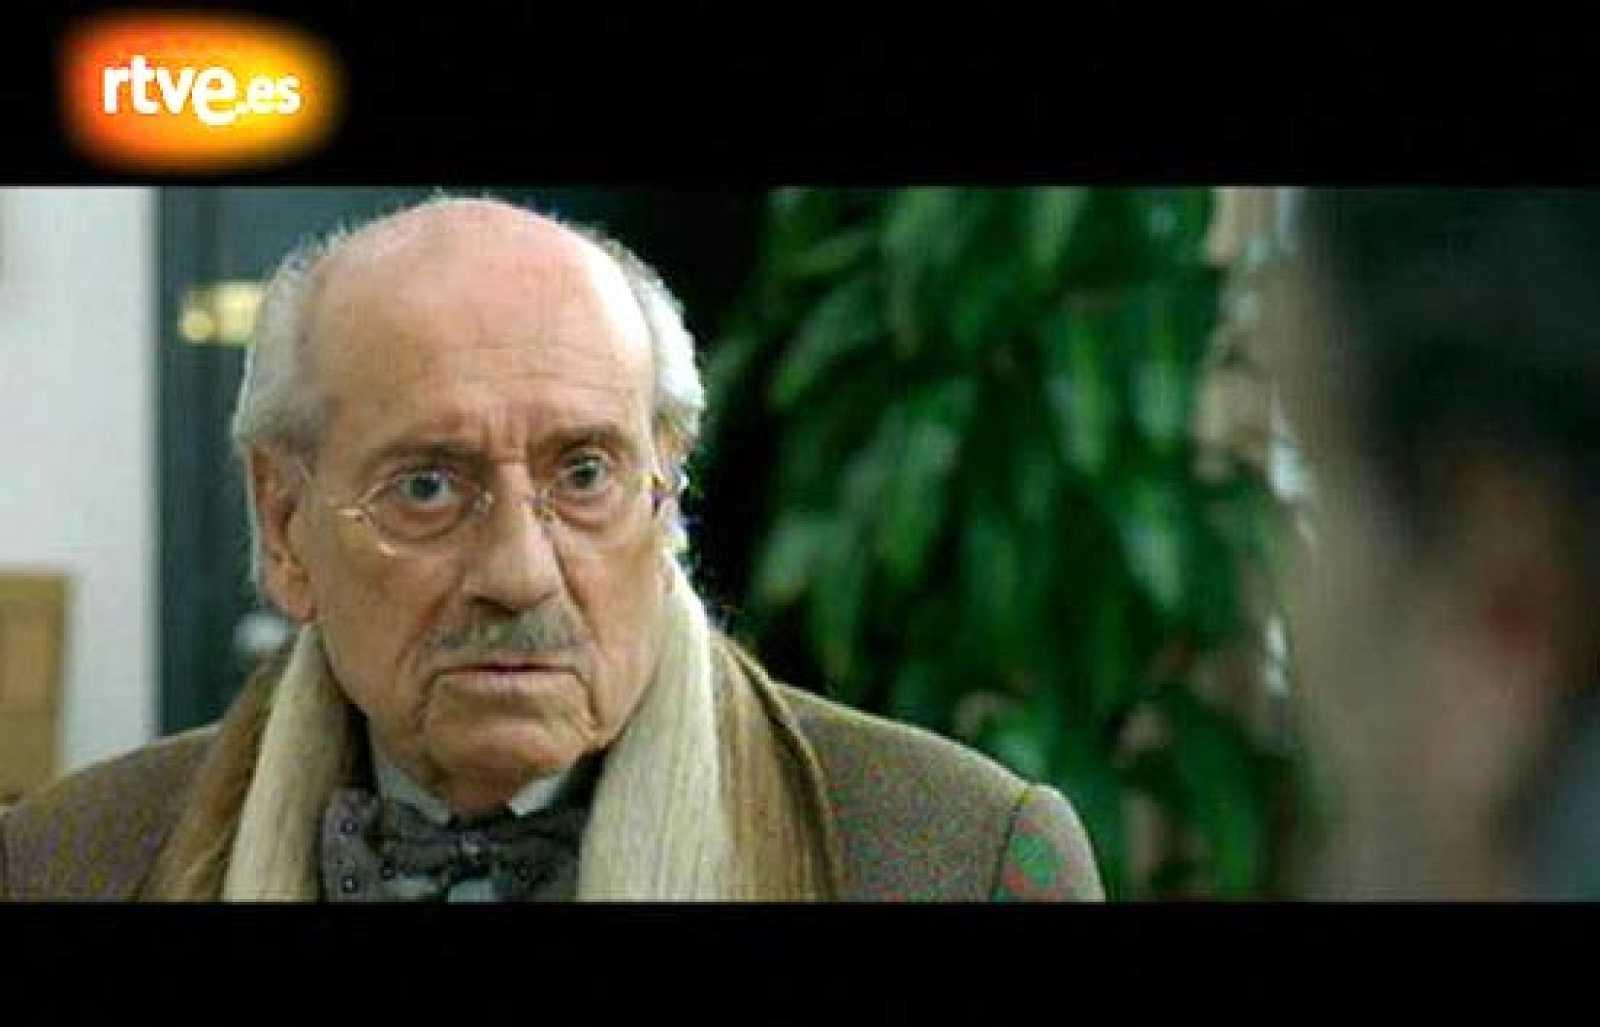 La penúltima película en la que participó José Luis López Vázquez fue Luna de Avellaneda, dirigida por Juan José Campanella en 2004. López Vázquez compartió escena con Ricardo Darín y Eduardo Blanco, entre otros.